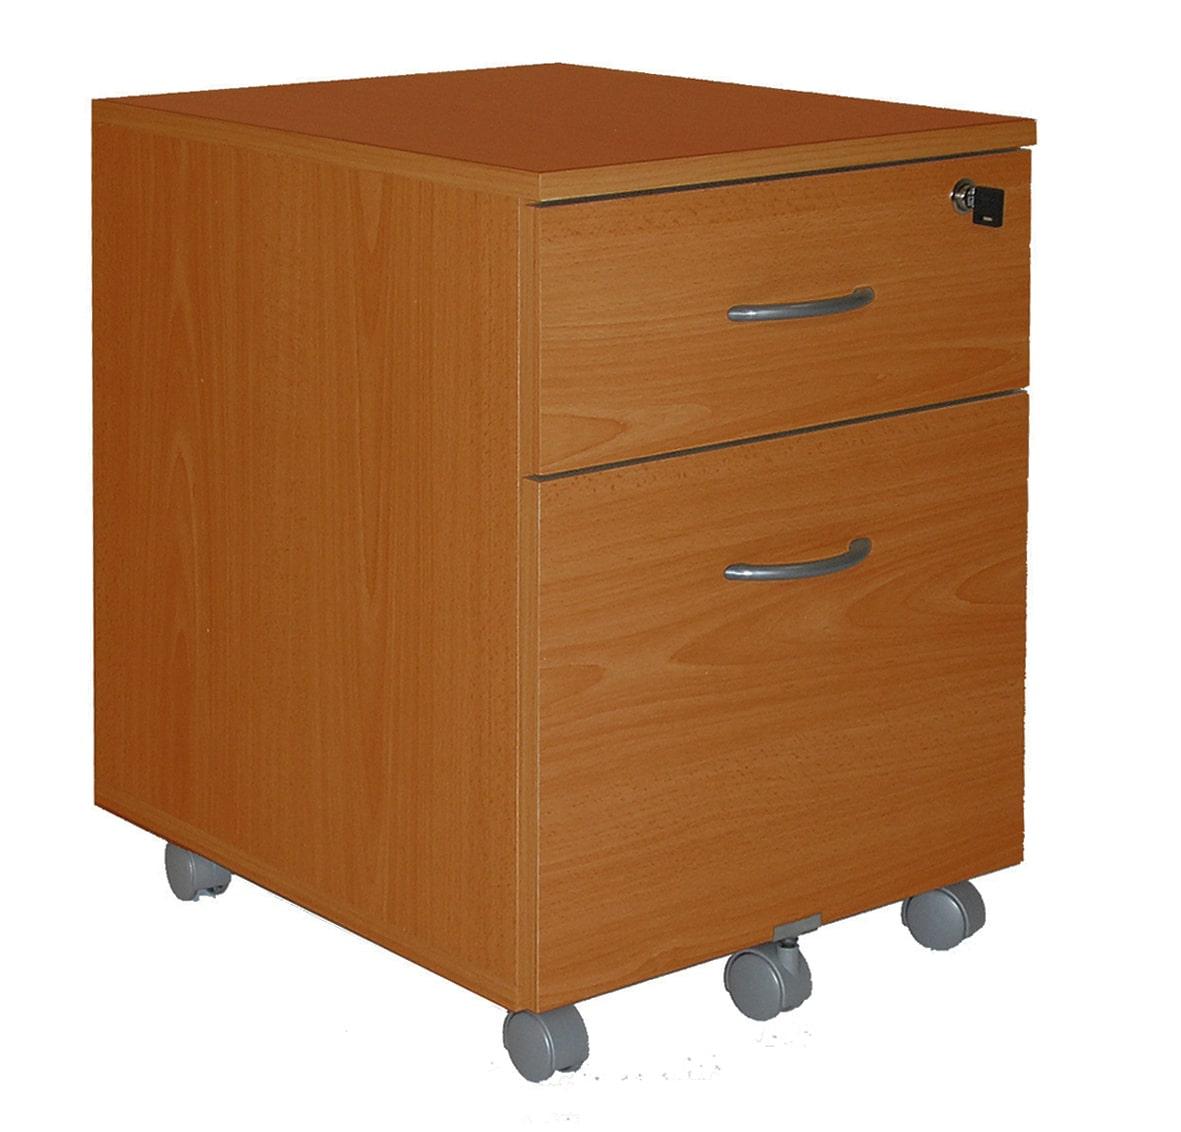 Caisson mobile WINCH 2 tiroirs dont 1 pour dossiers suspendus - Imitation Merisier